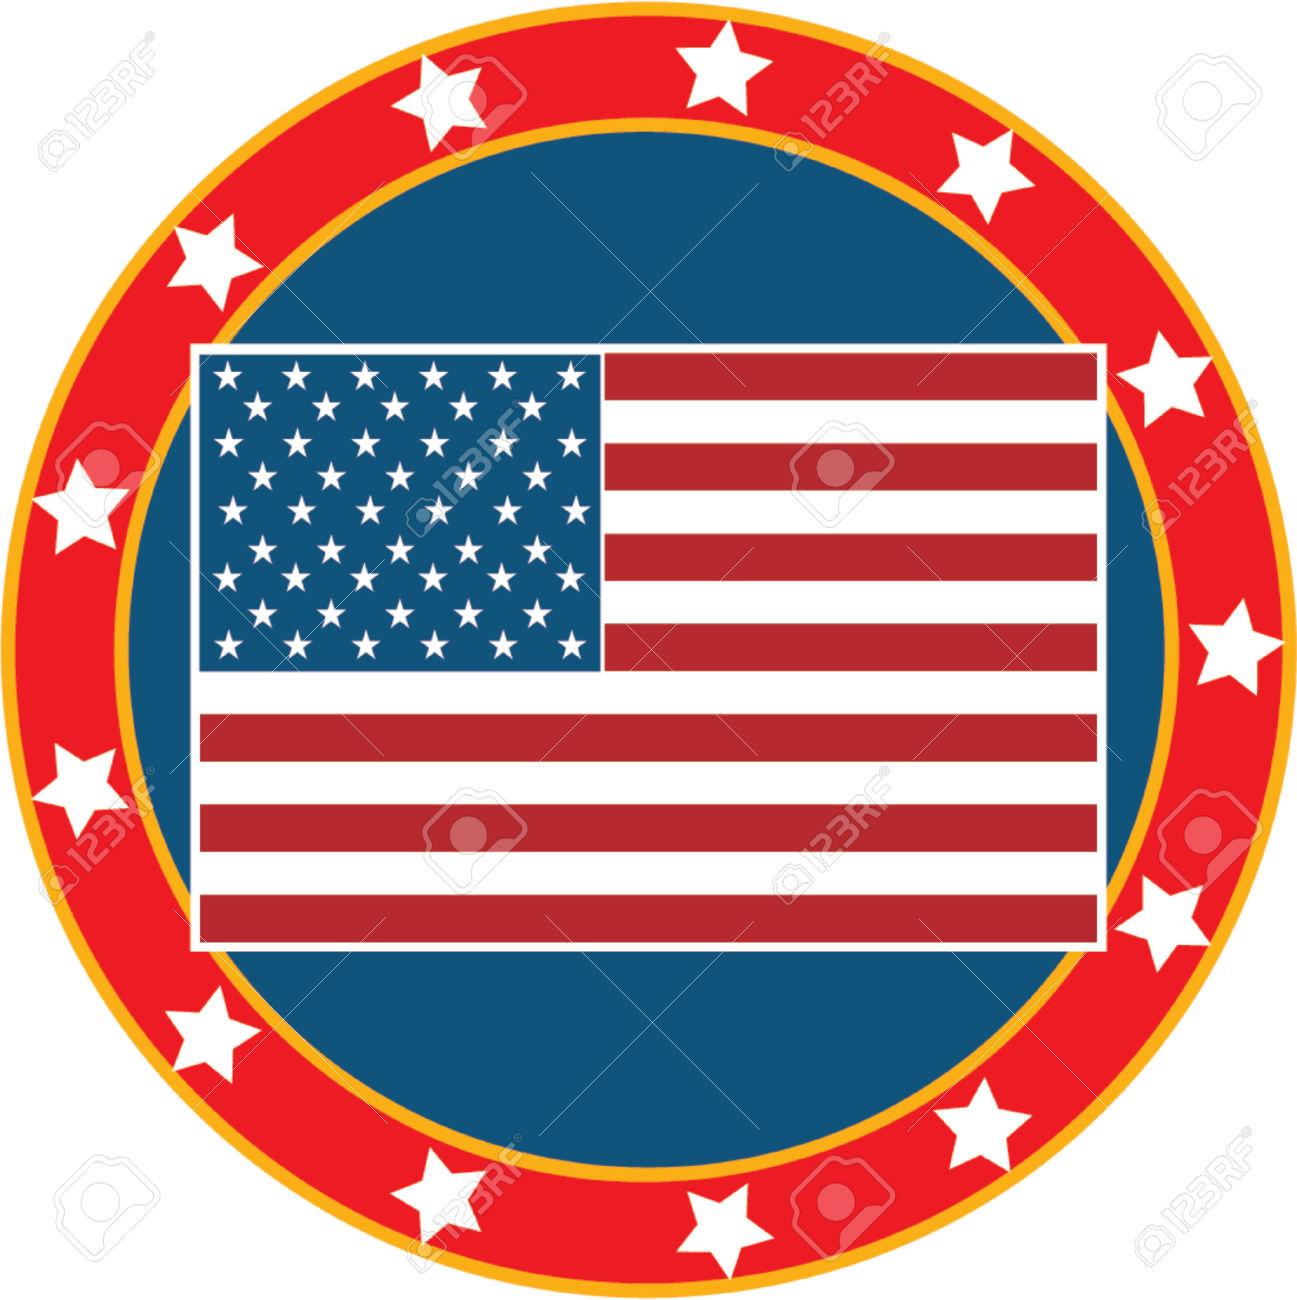 Bandera Americana En Un Fondo Blanco Con 50 Estrellas.